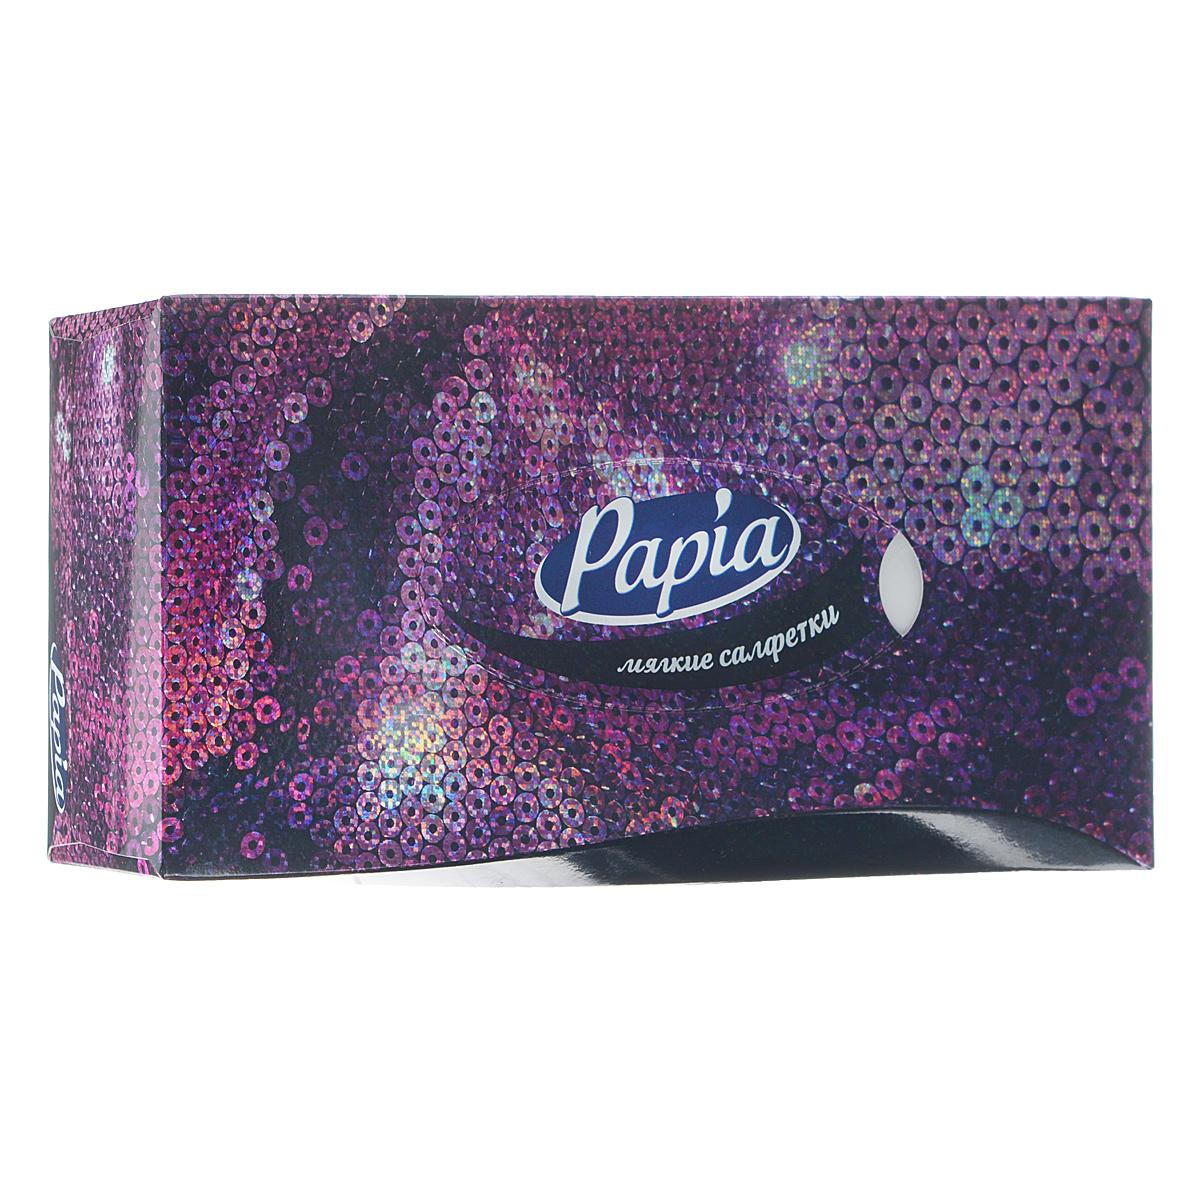 Салфетки бумажные Papia, трехслойные, цвет: фиолетовый, 21 x 21 см, 80 штCDF-16Трехслойные салфетки Papia выполнены из 100% целлюлозы. Салфетки подходят для косметического, санитарно-гигиенического и хозяйственного назначения. Нежные и мягкие, они удивят вас не только своим высоким качеством, но и внешним видом. Изделия упакованы в коробку, поэтому их удобно использовать дома или взять с собой в офис или машину. Размер салфеток: 21 х 21 см.